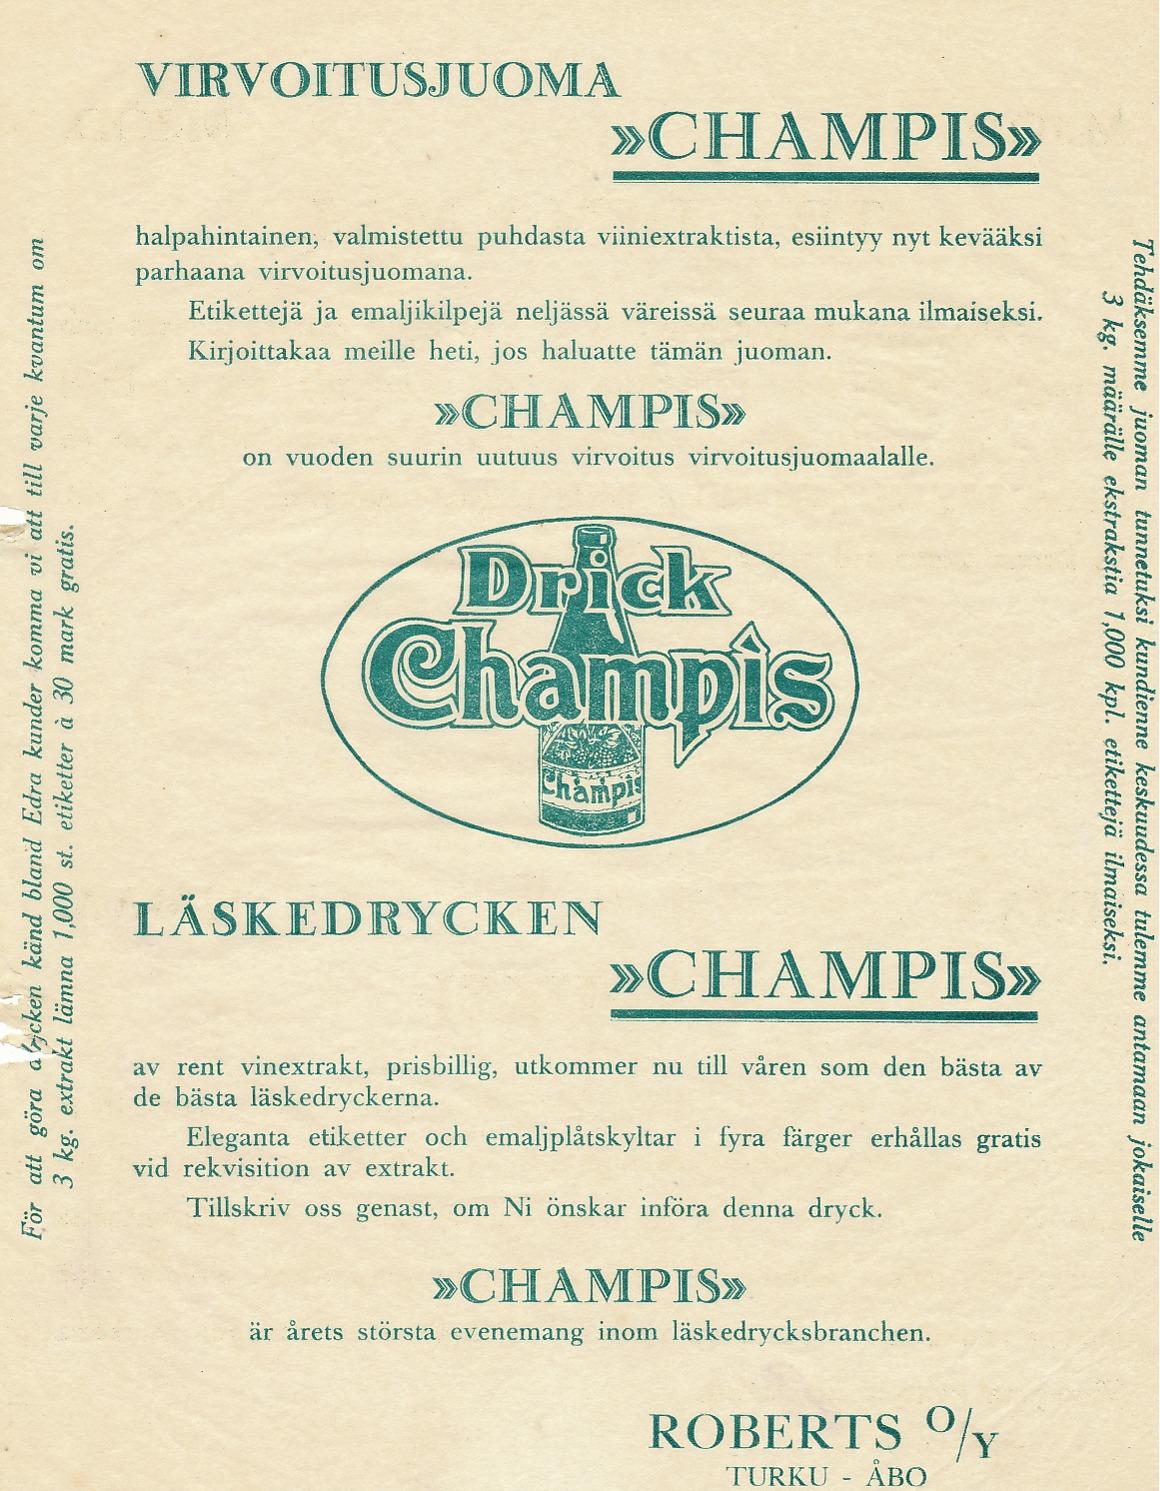 Här erbjuder Ab Roberts ut den populära läskedrycken Champis.